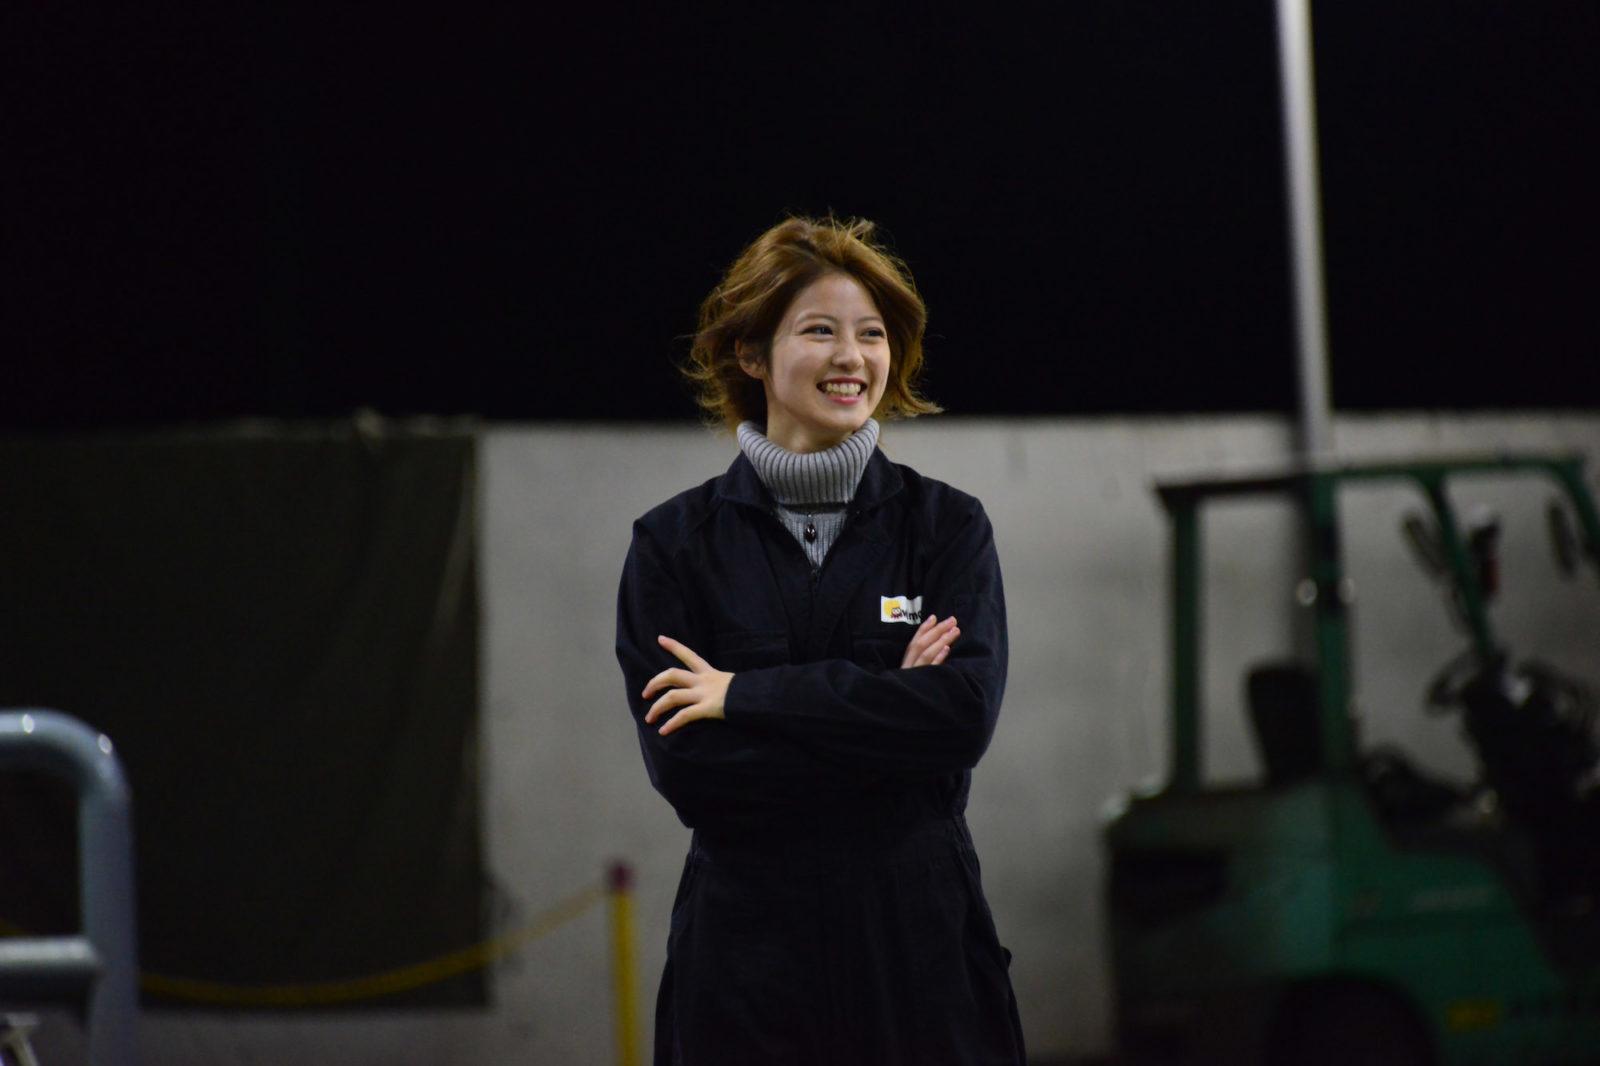 映画・ドラマで活躍!人気急上昇中の今田美桜が仕事とこれからについて語る「もっともっといろんな役に挑戦していきたい」【インタビュー】画像48949